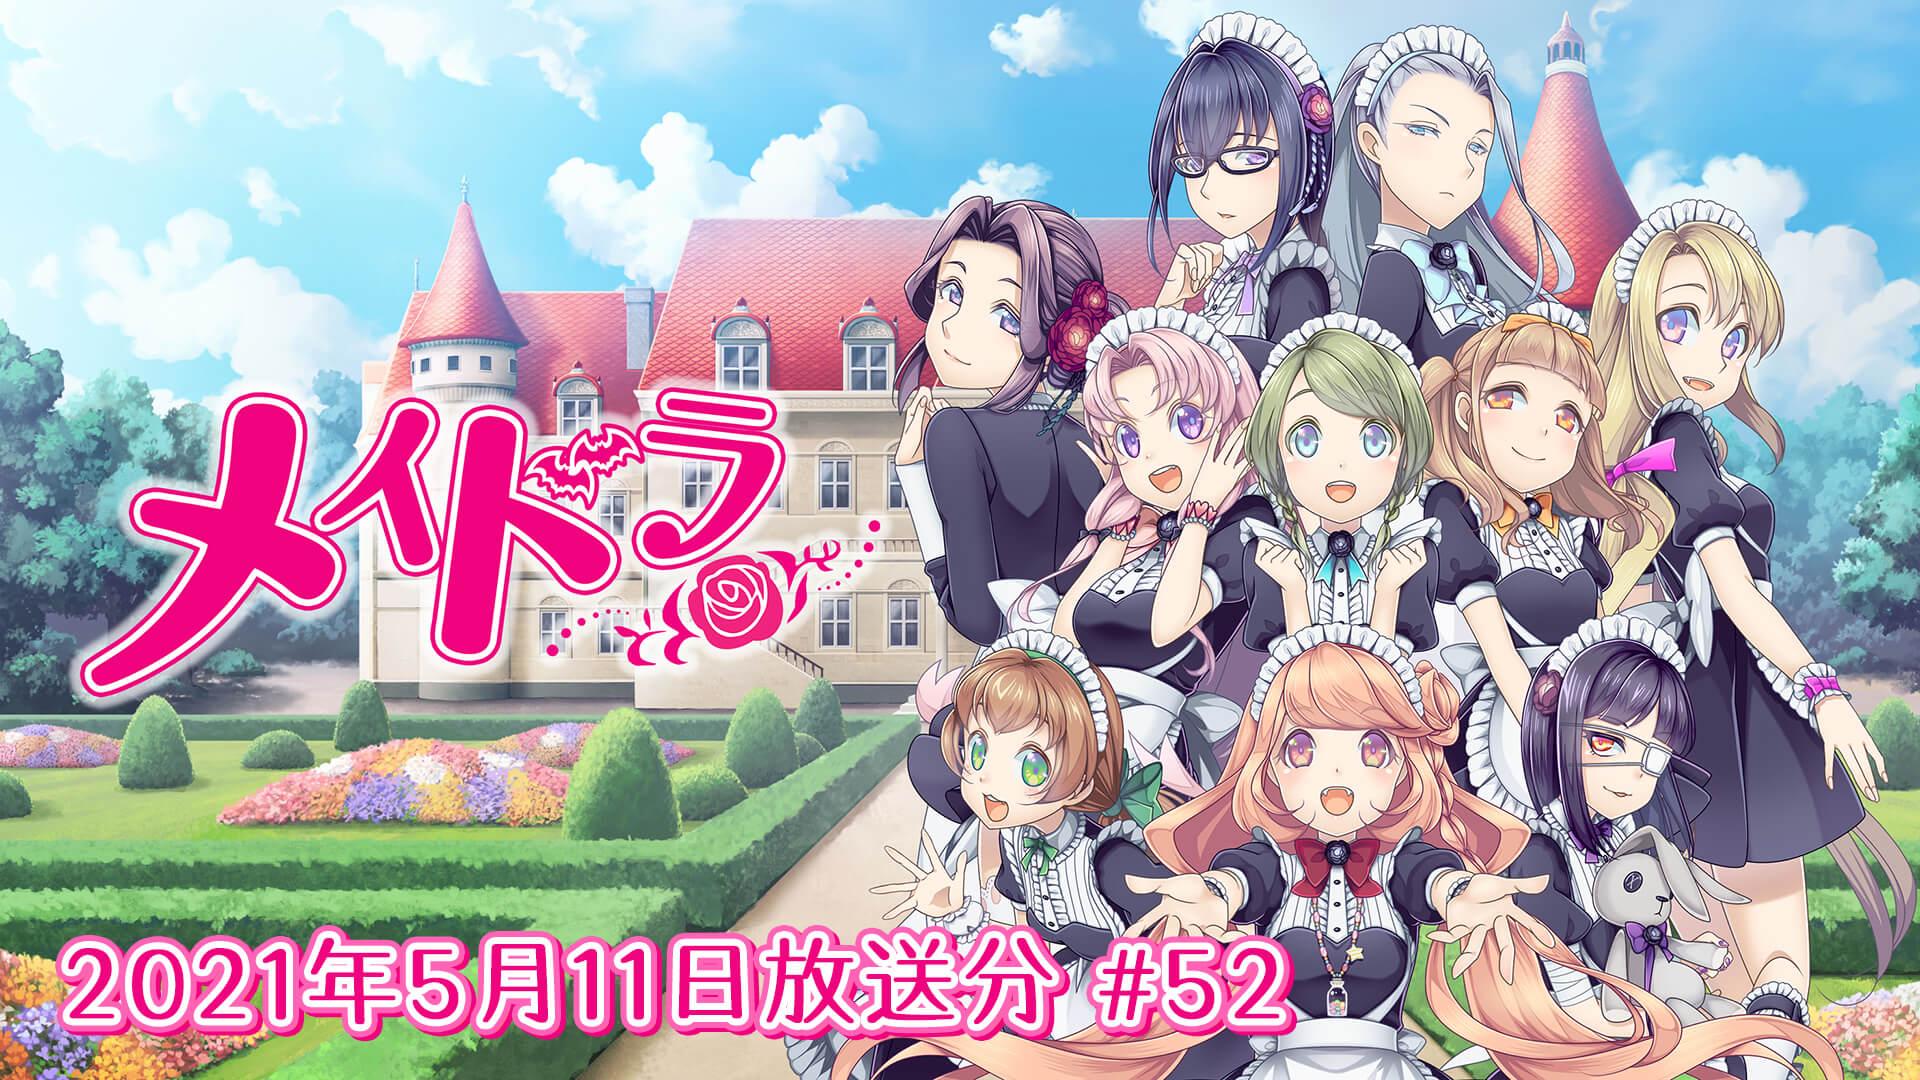 メイドラ 第52回 (2021年5月11日放送分)